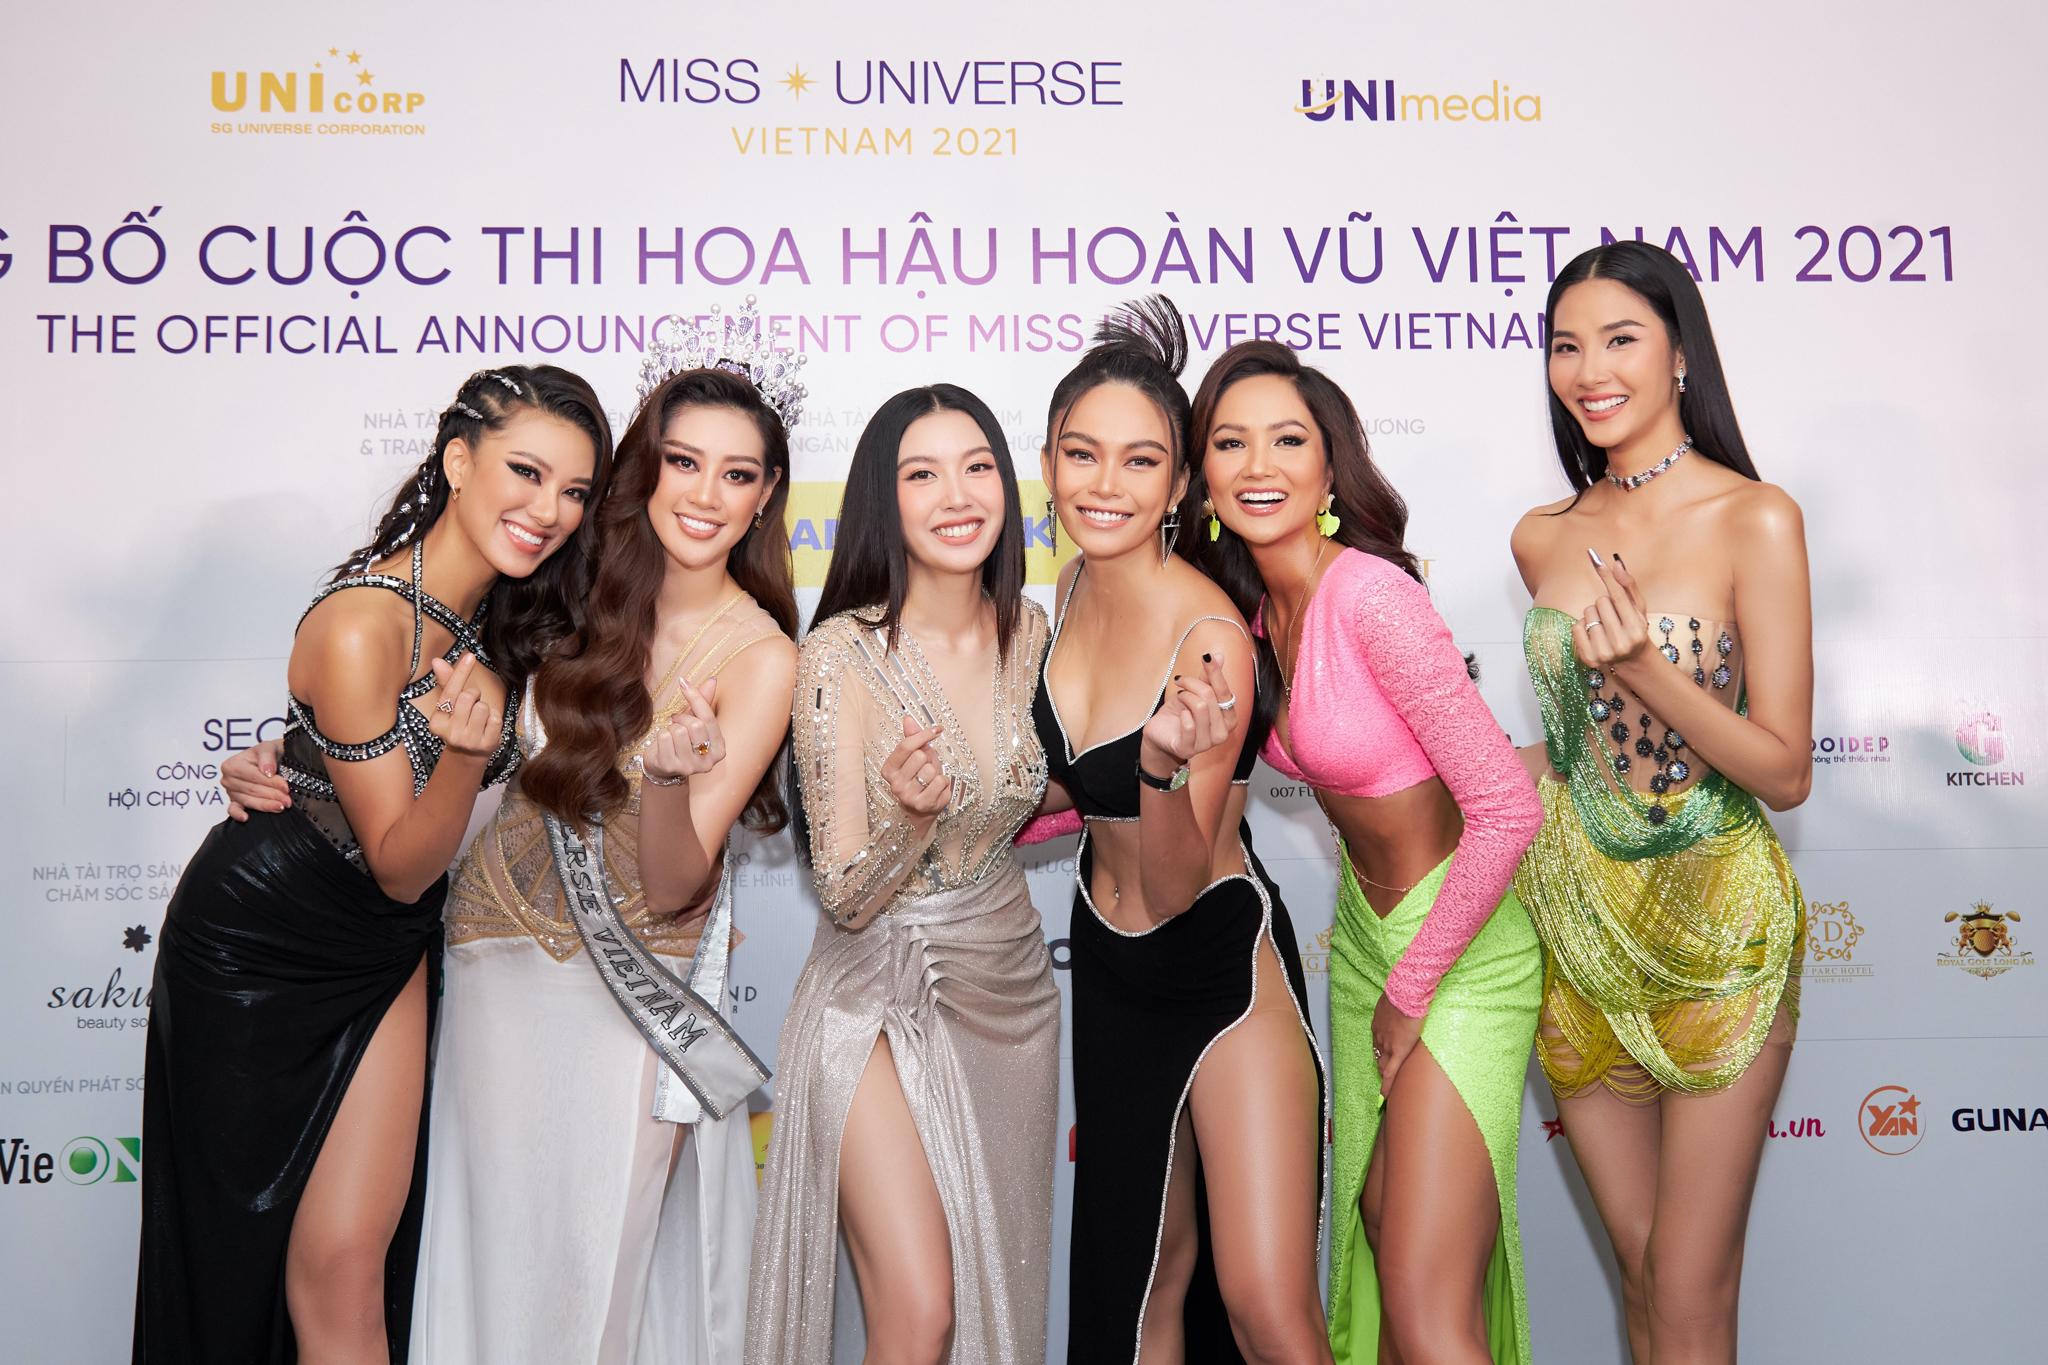 Dàn người đẹp Hoa hậu Hoàn vũ Việt Nam 2017, 2019.